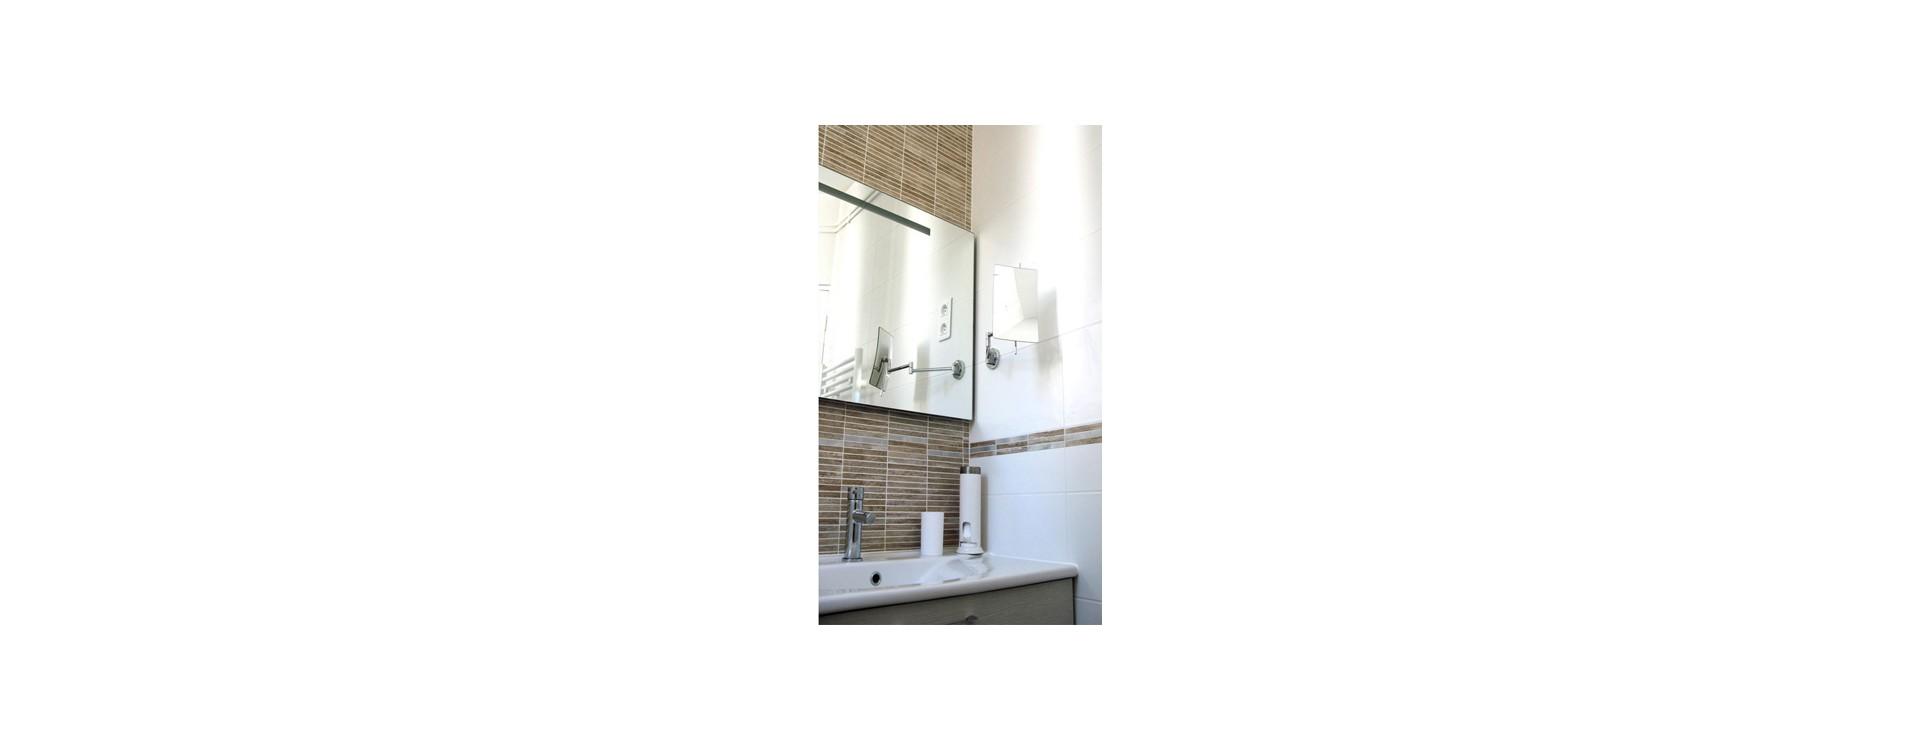 Cabine de douche textile sur mesure GalboBain pour baignoire